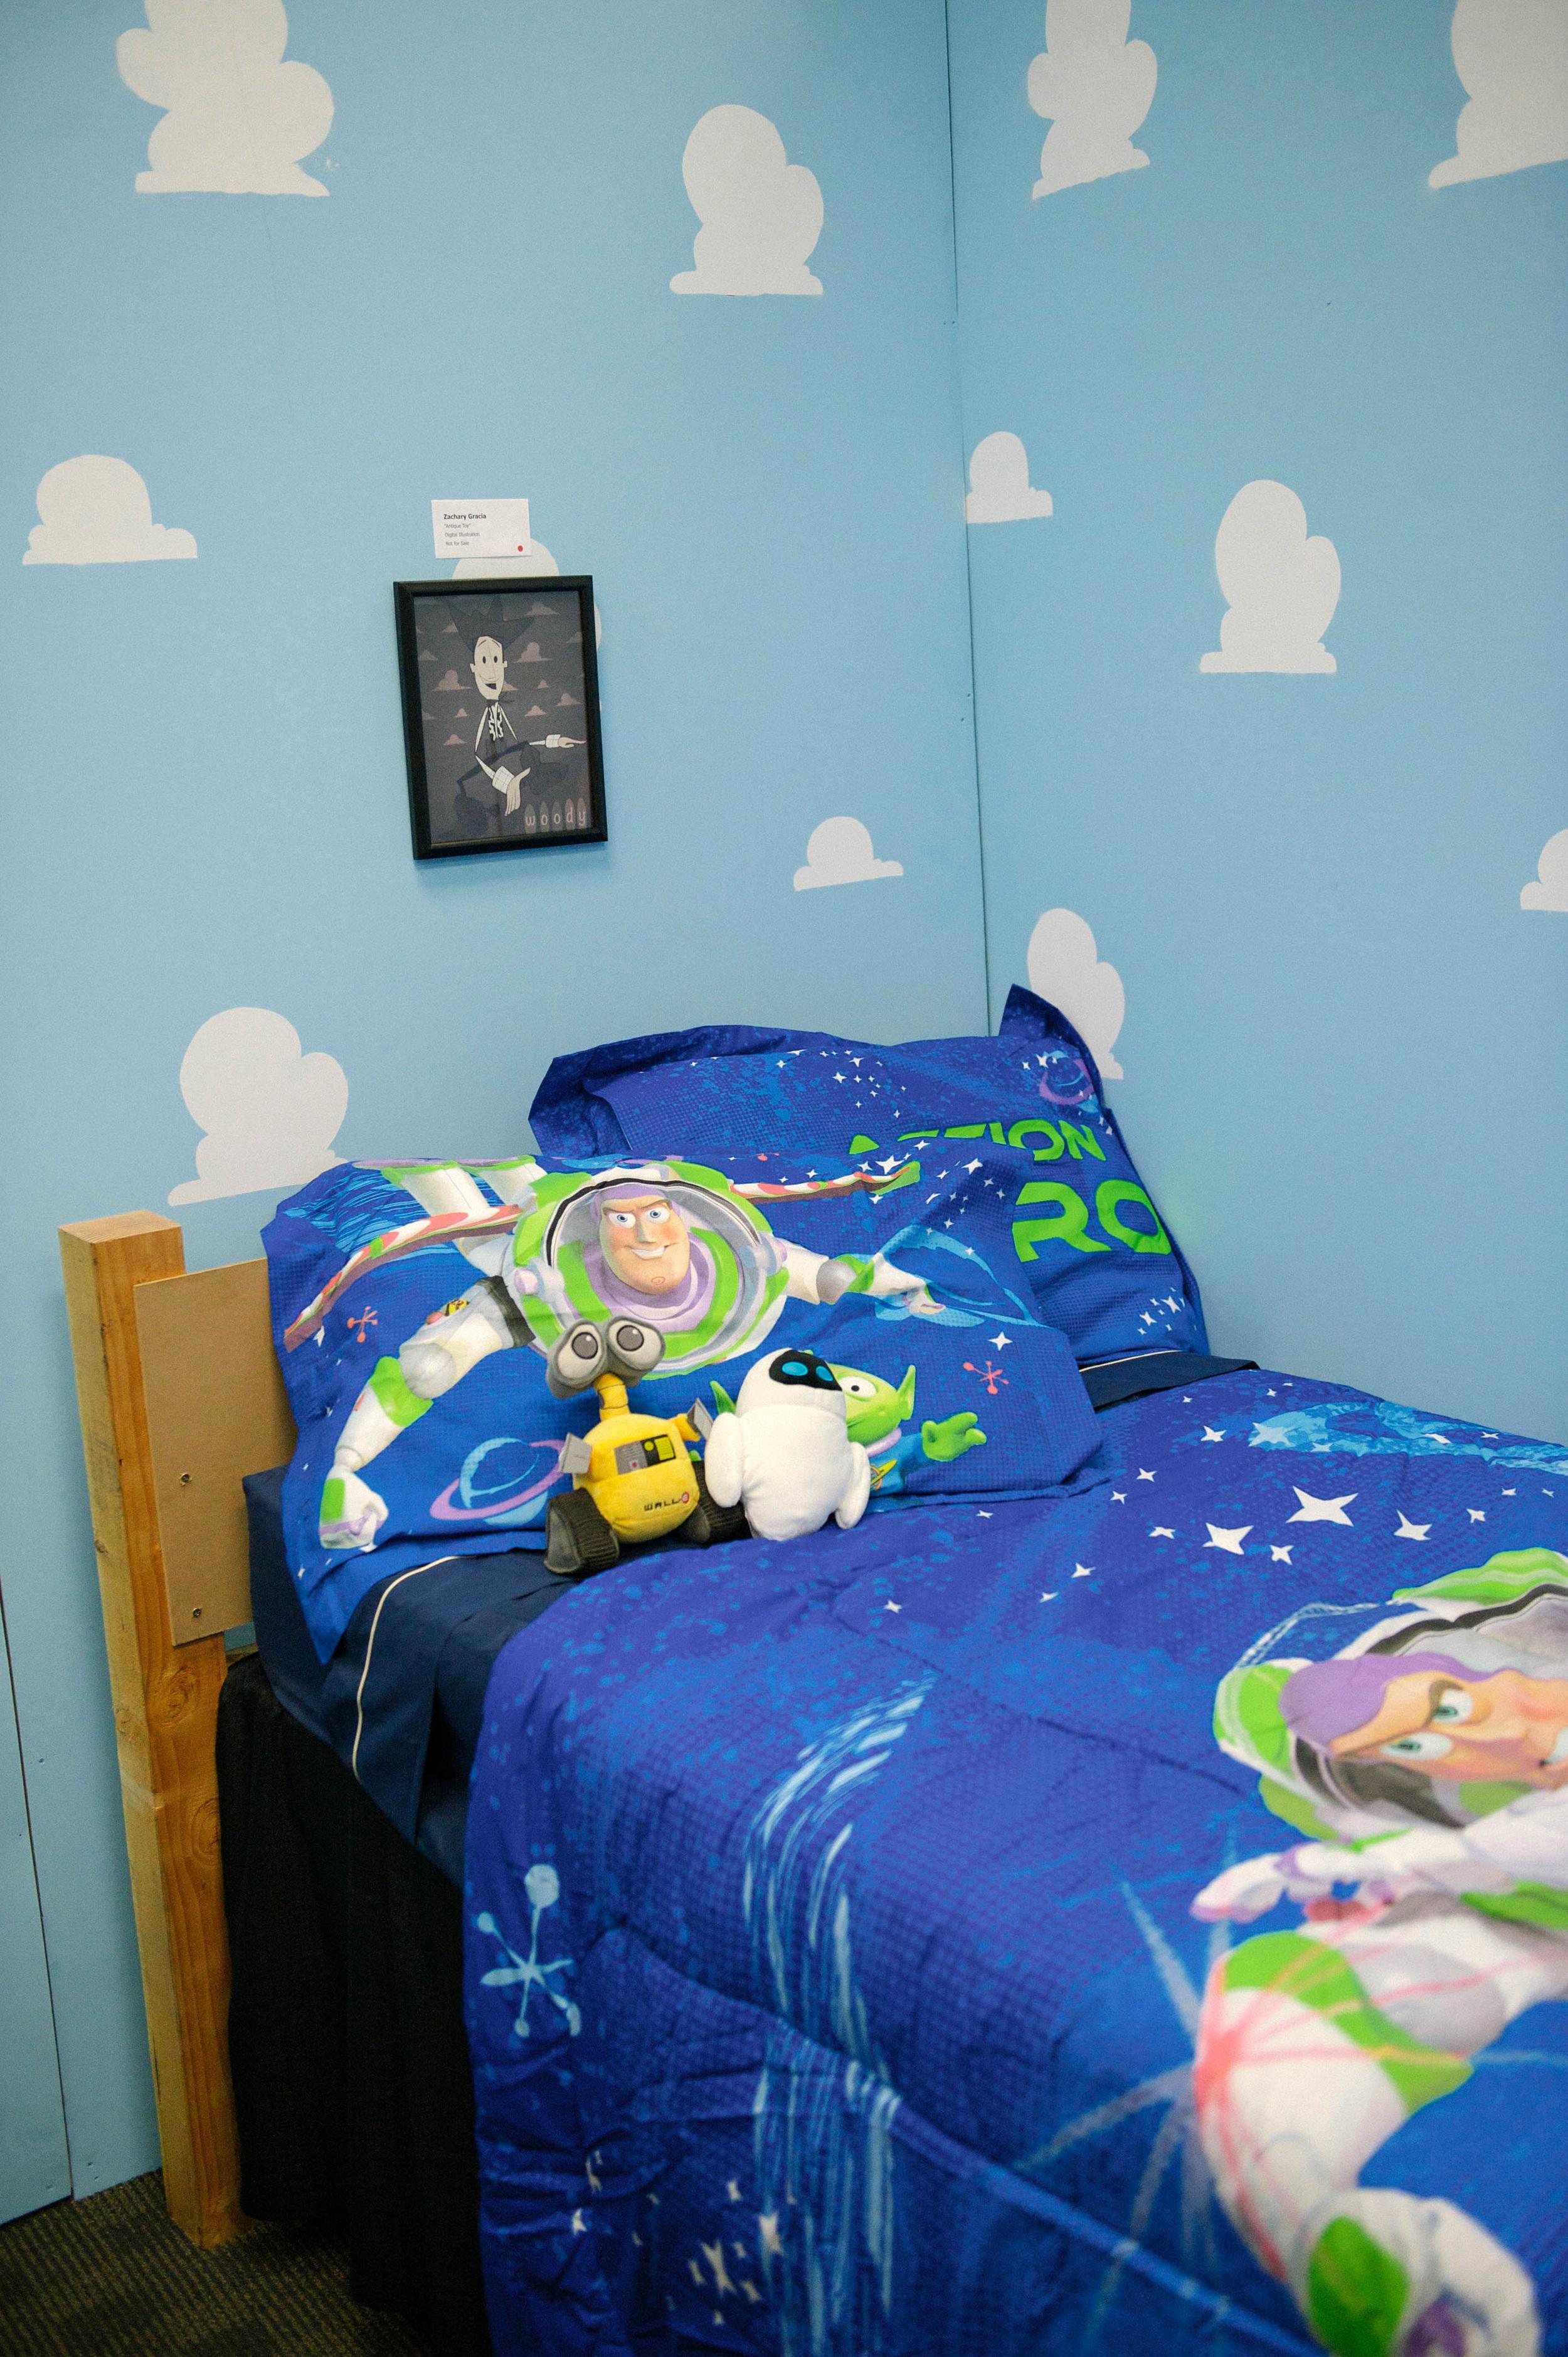 Andy's Room display. Photo by Lisa Diaz.